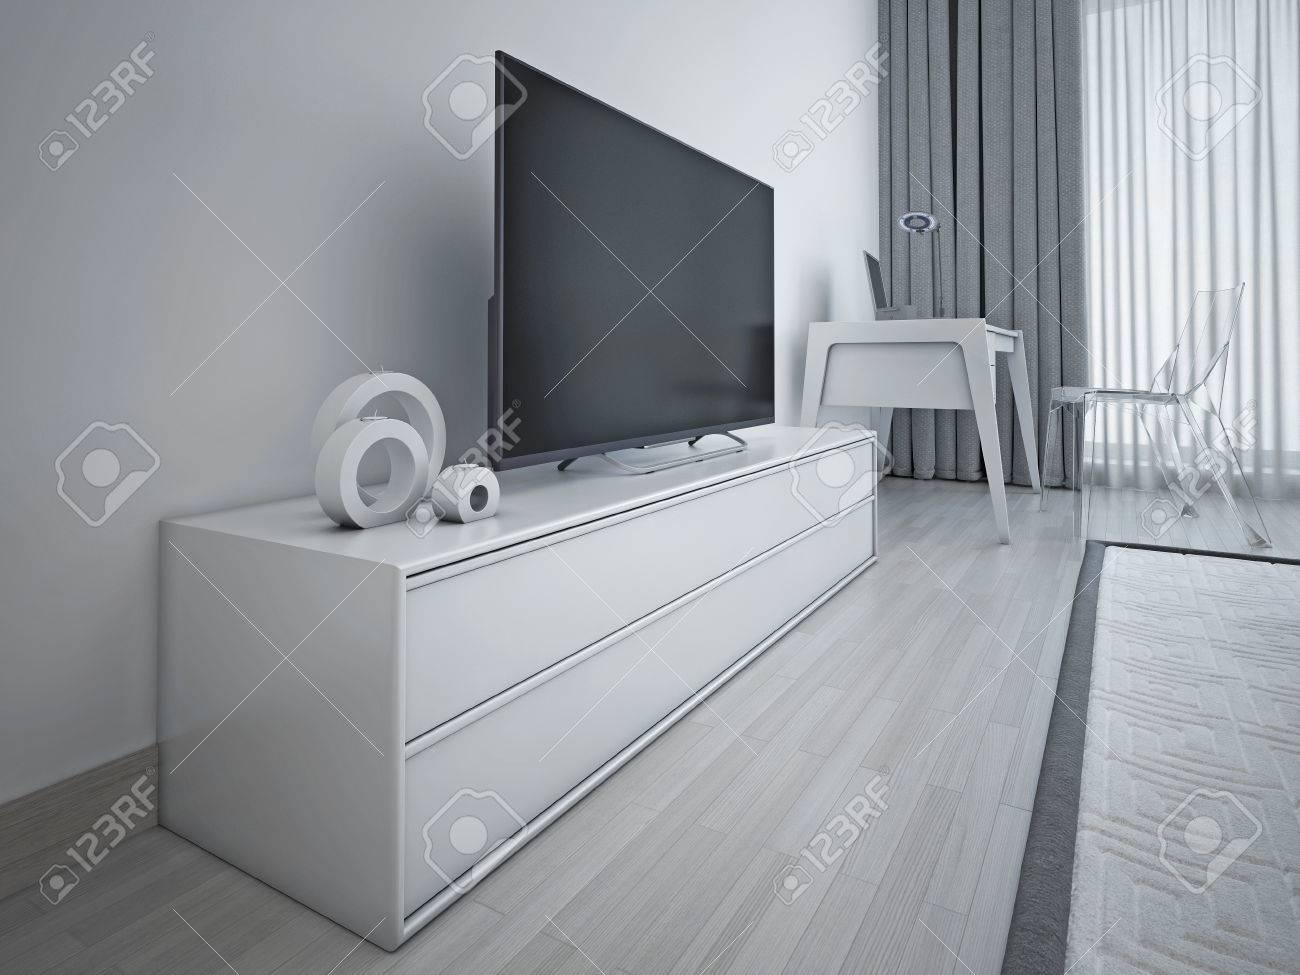 Modernes Schlafzimmer Design Hellgrau Mit Metall Akzent Zeitgenossischen Niedrig Tv Sideboard 3d Ubertragen Lizenzfreie Fotos Bilder Und Stock Fotografie Image 46197875